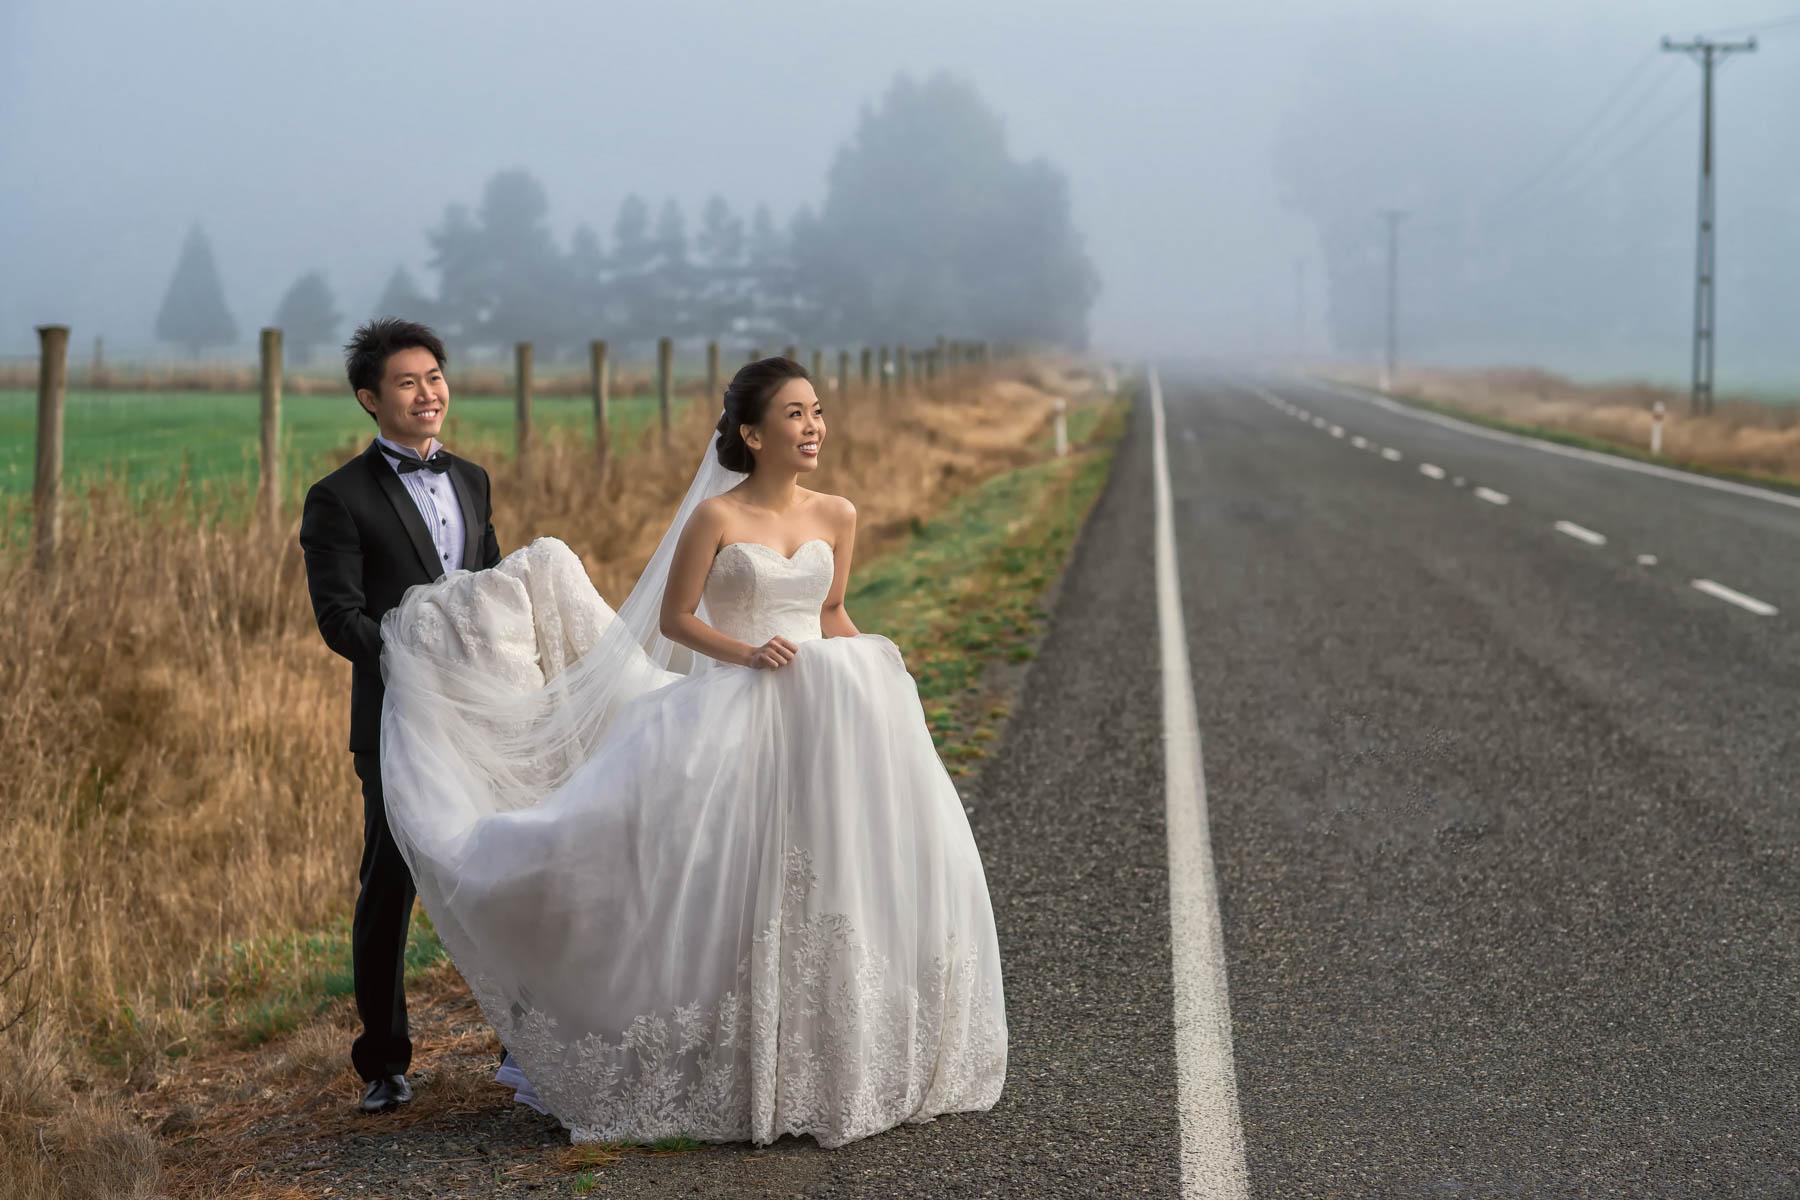 Prewedding_photoshoot_nz2.jpg